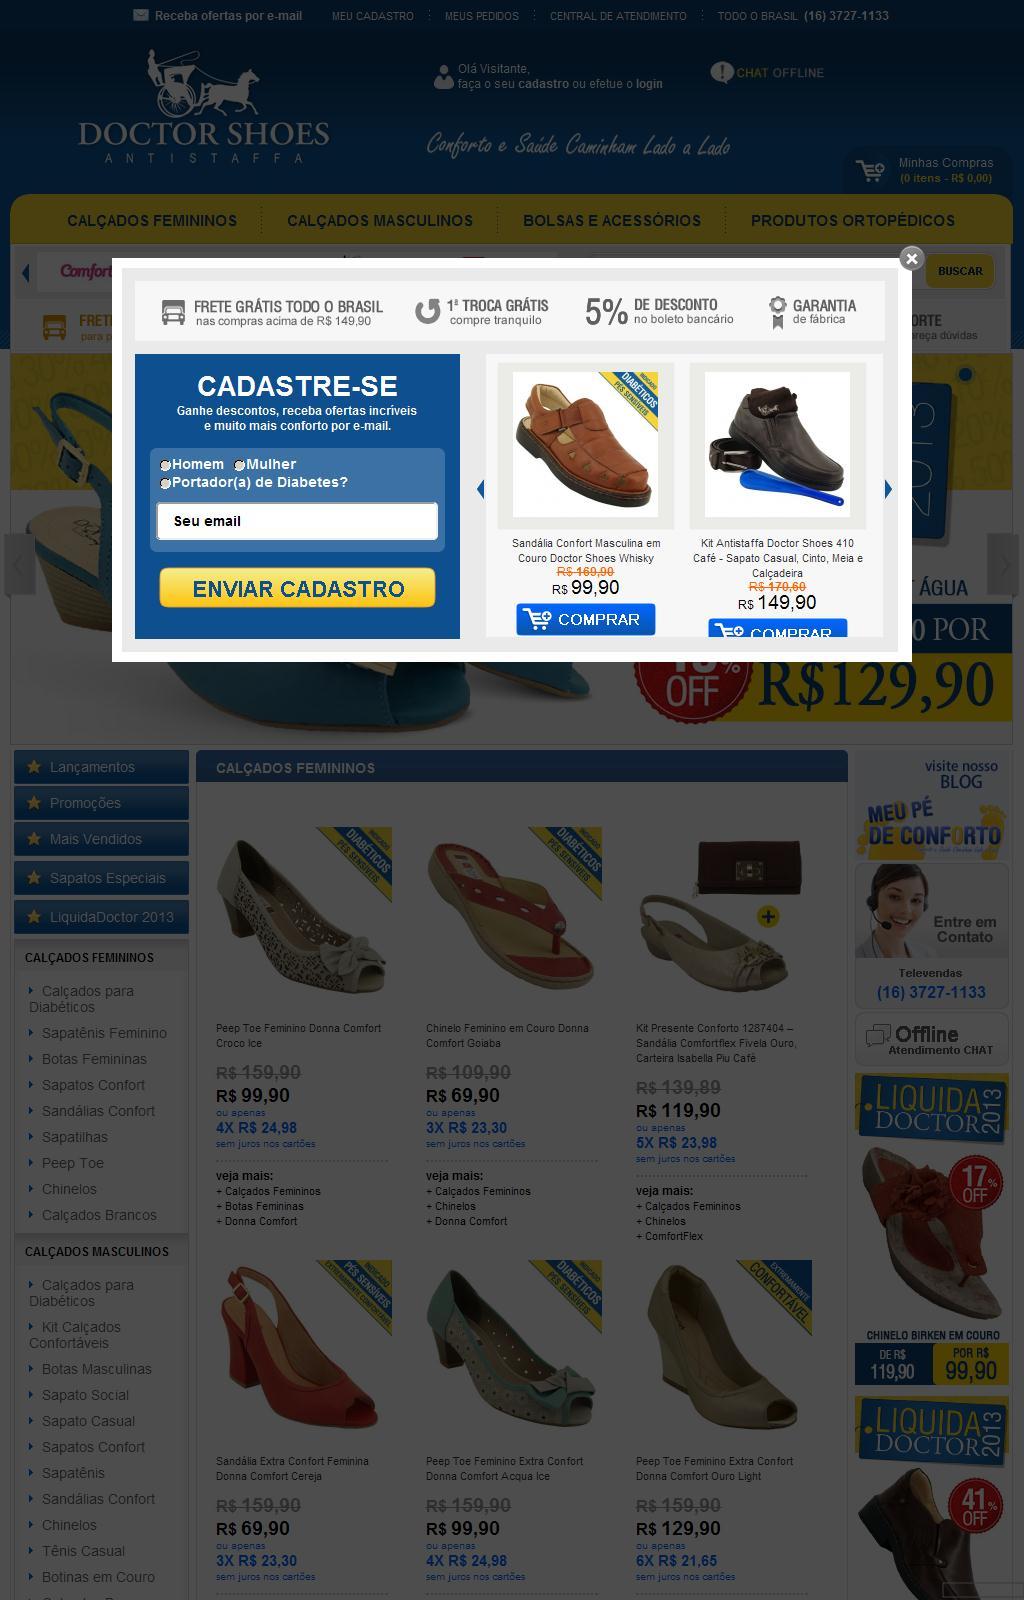 Loja Online de Calçados Confortáveis | Doctor Shoes